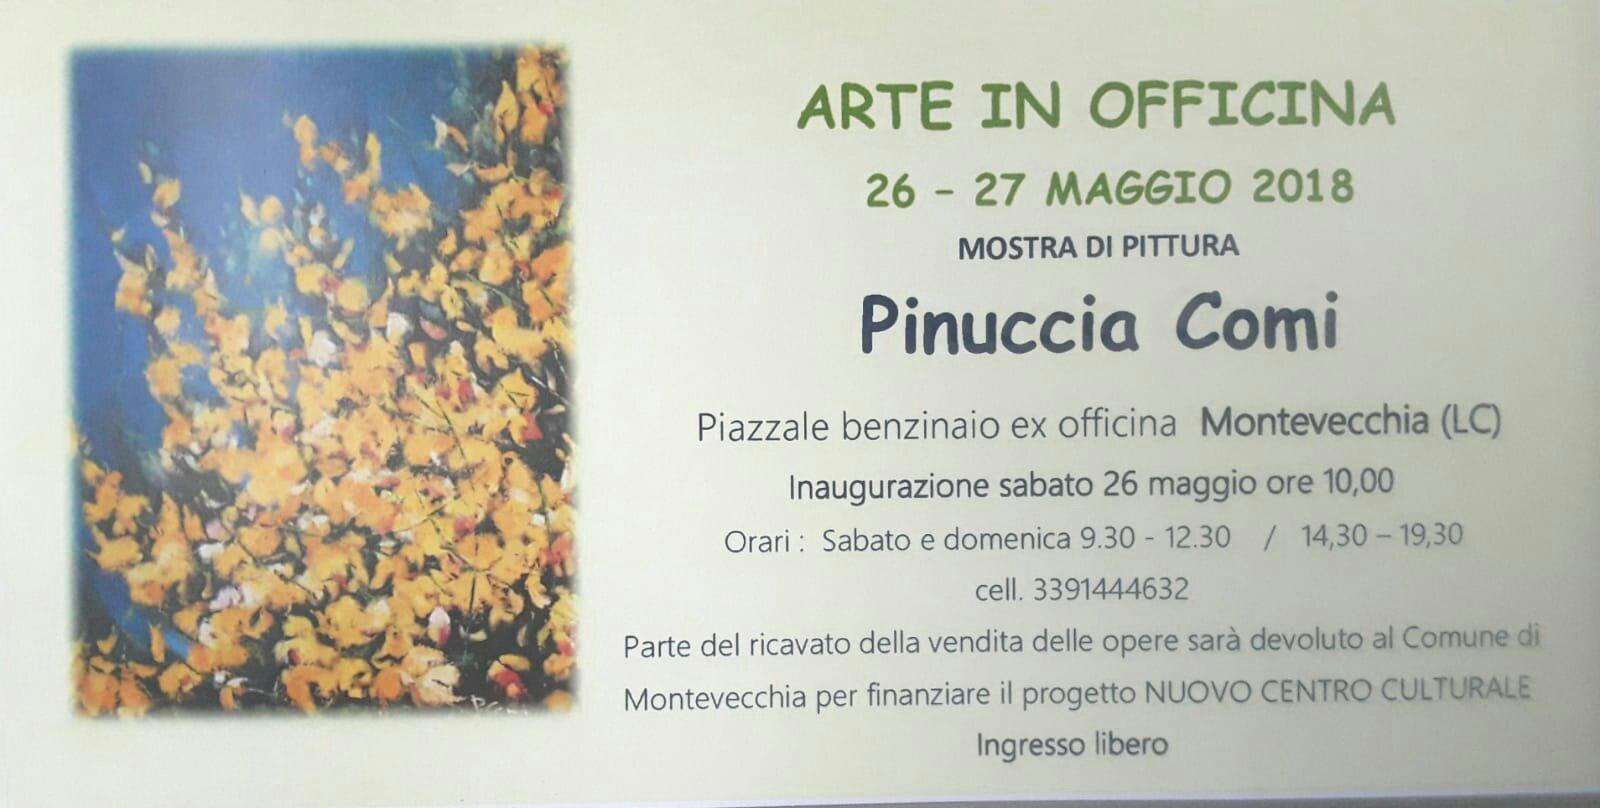 Arte in officina: Pinuccia Comi